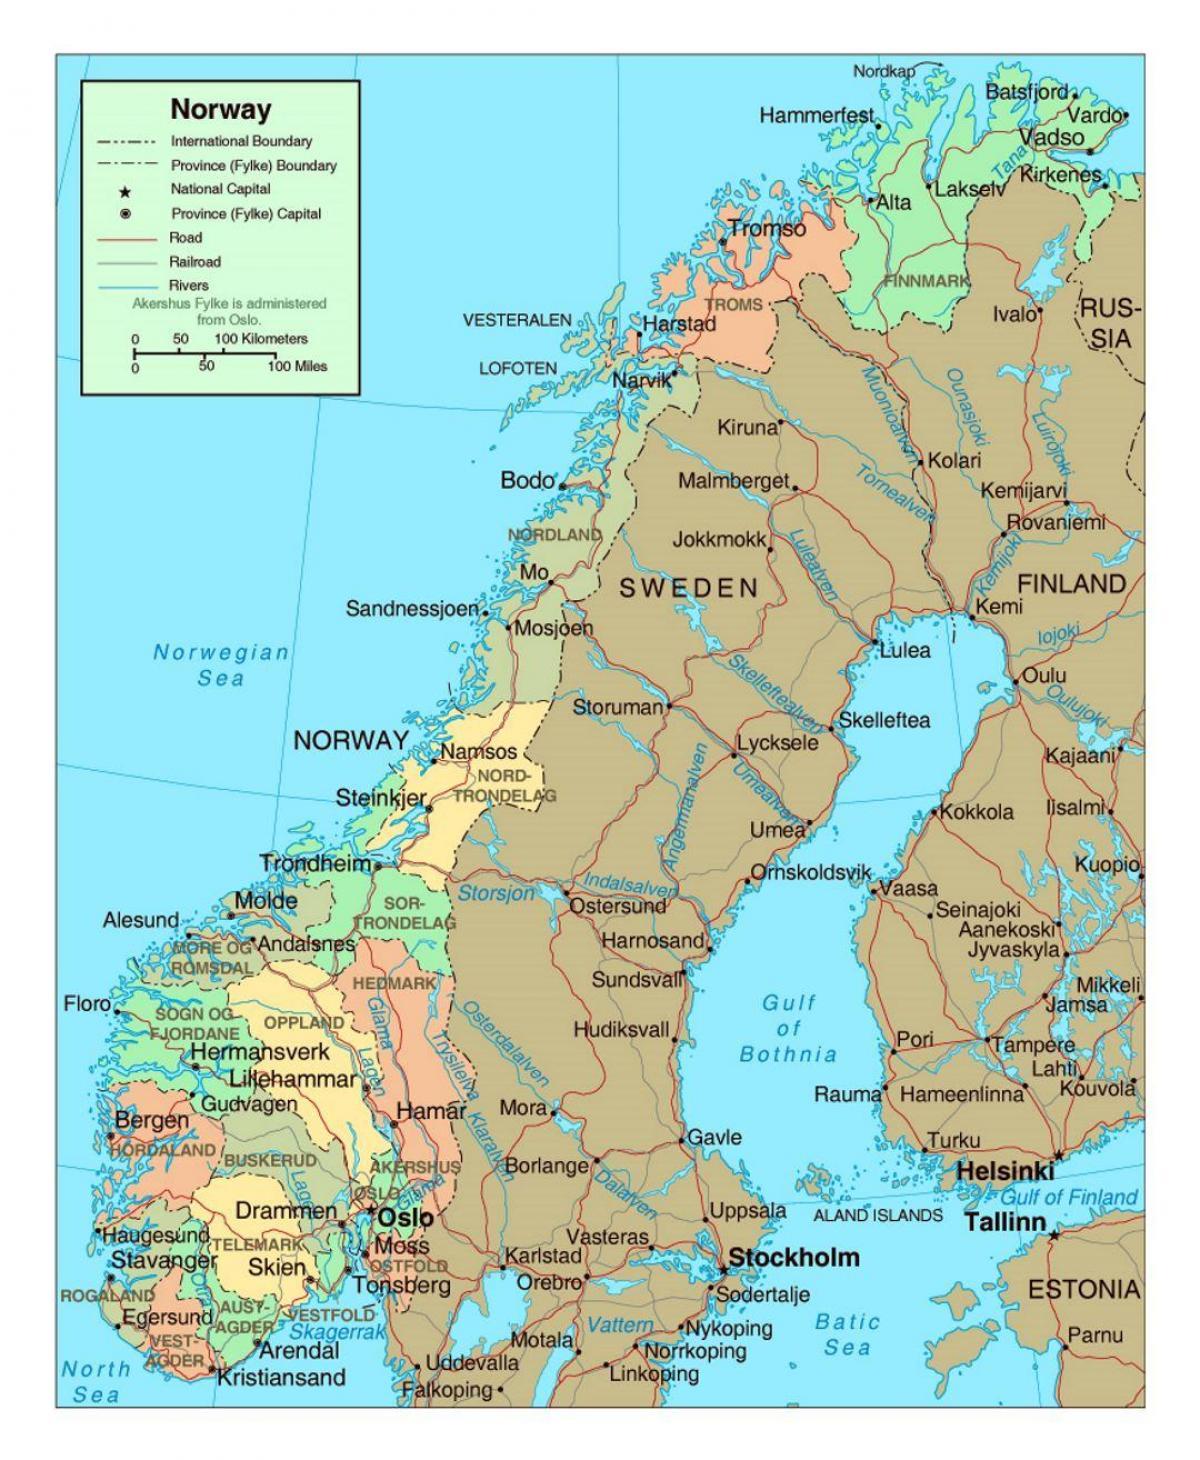 Norja Kaupungeissa Kartta Kartta Norjan Kaupungeissa Pohjois